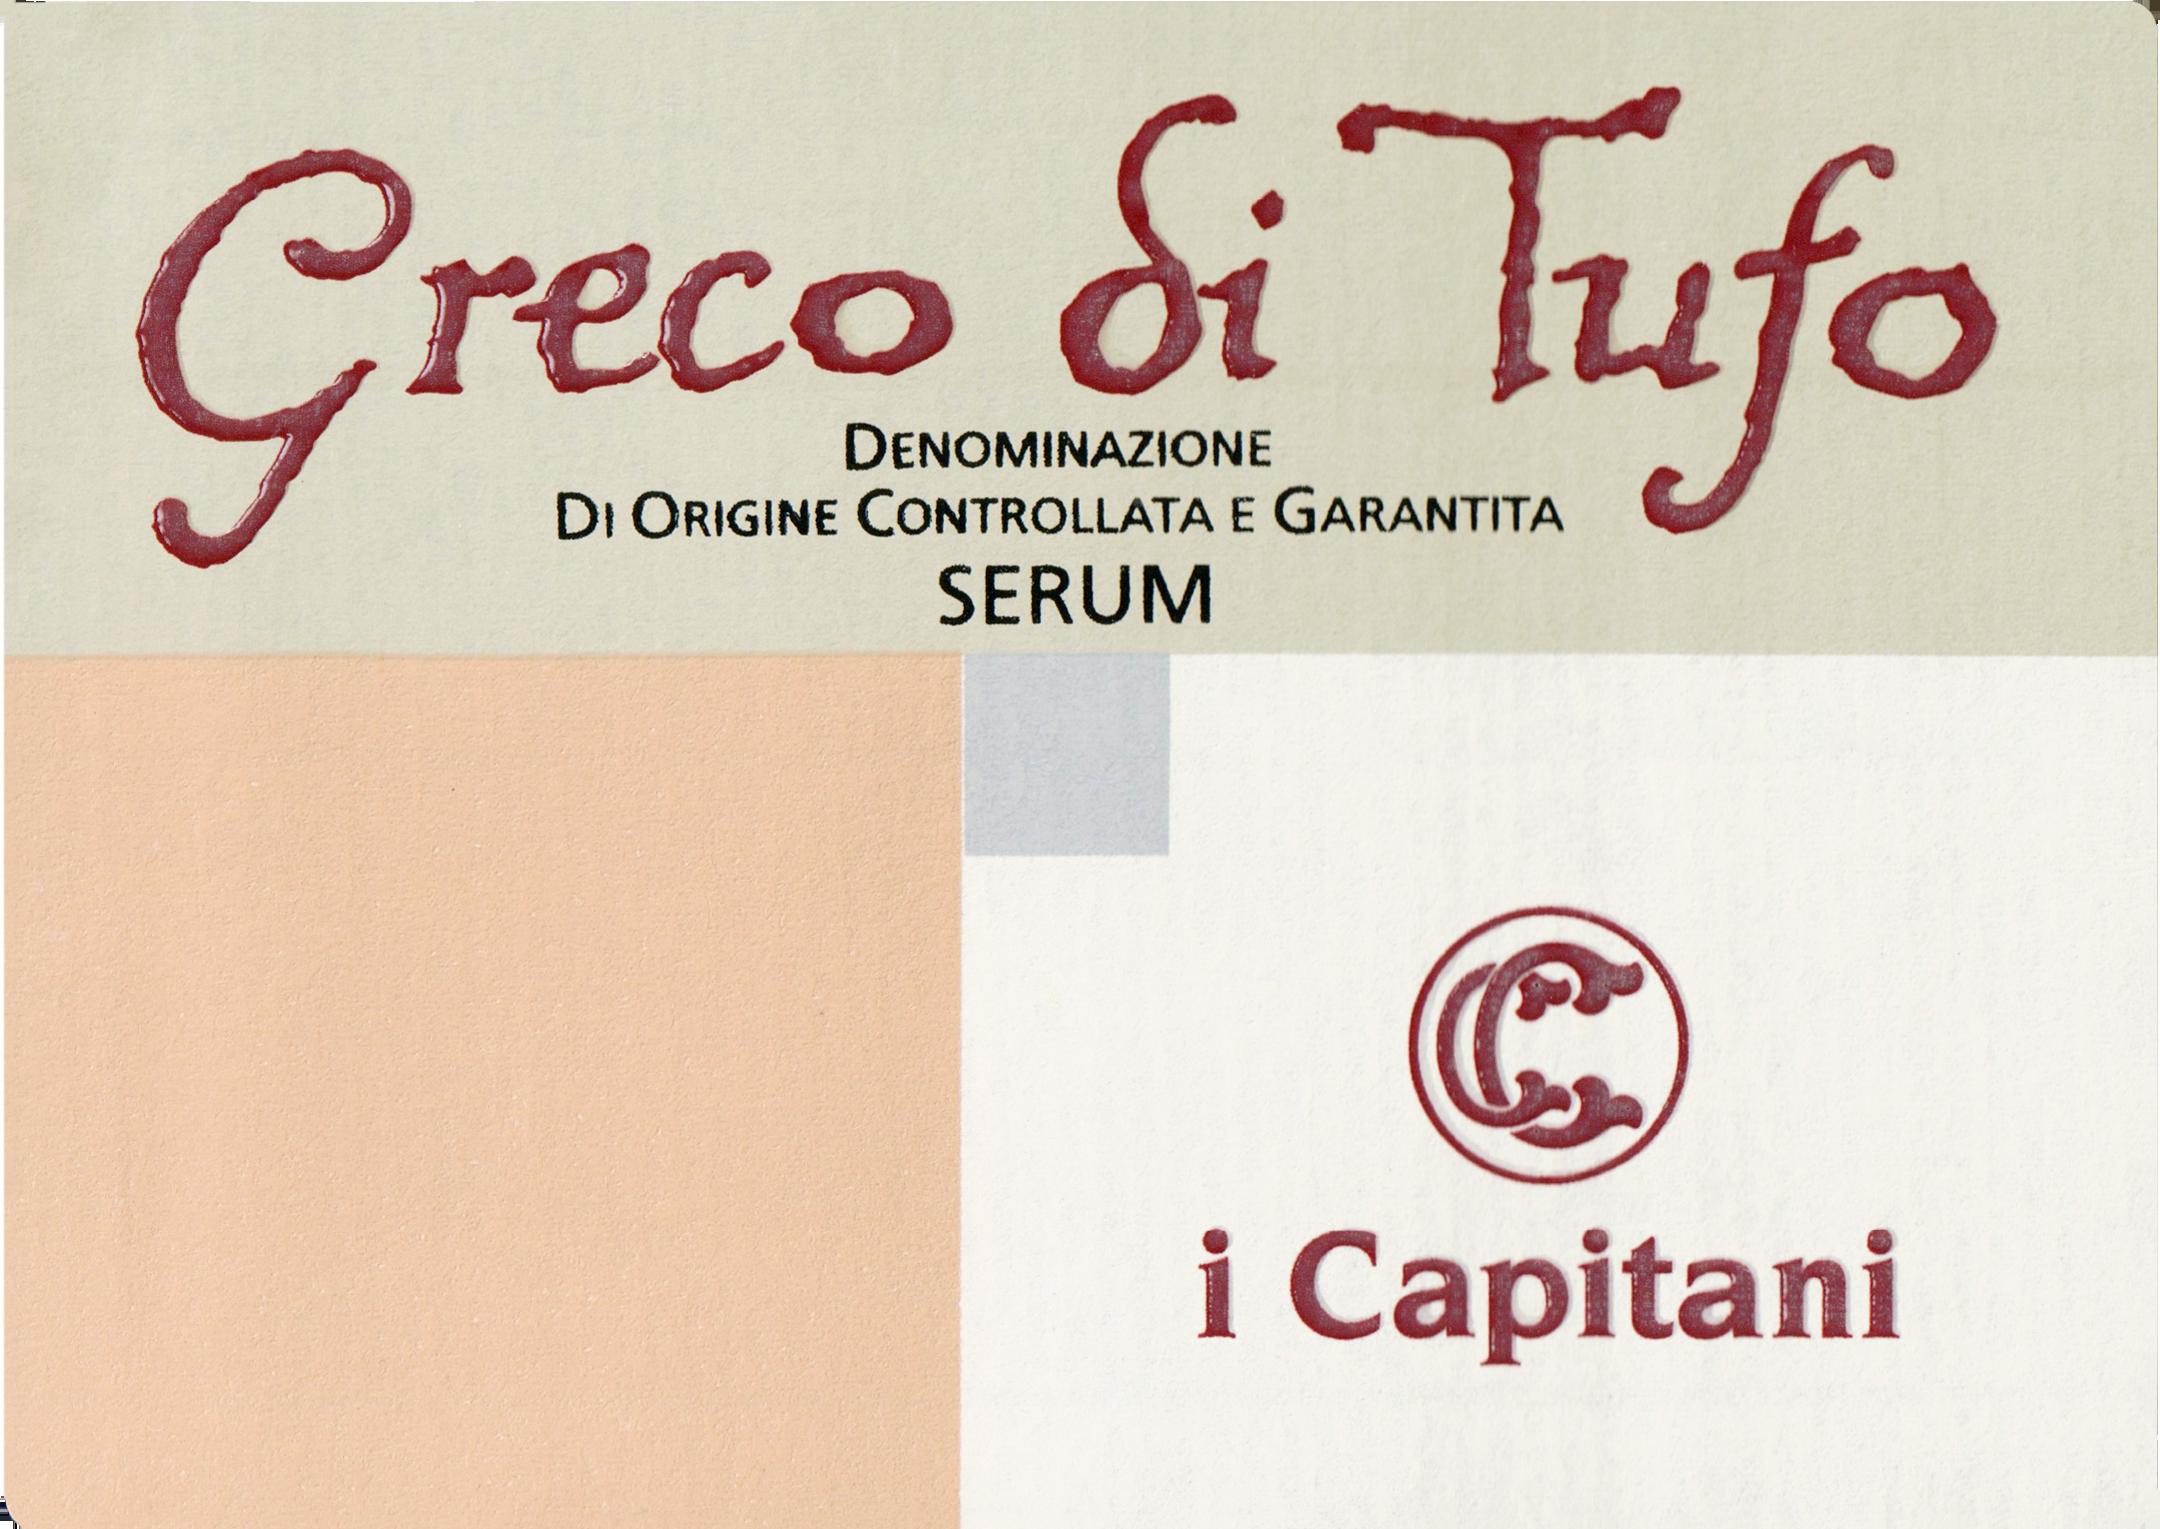 I Capitani Greco Di Tufo 2018